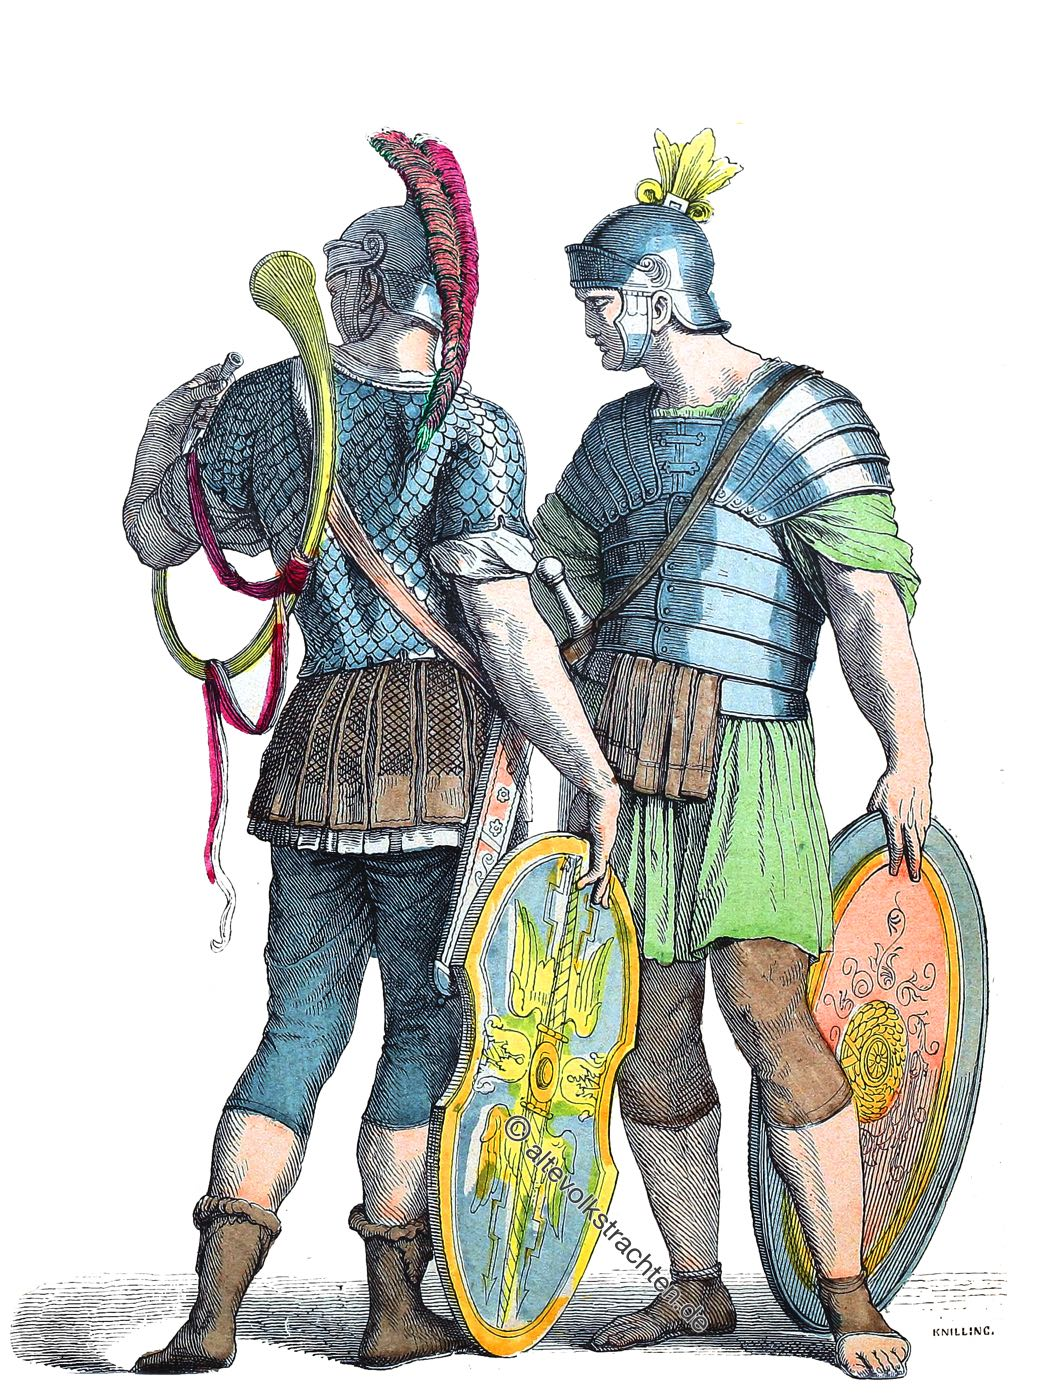 Münchener Bilderbogen, Römische Krieger, Soldaten, Legionäre, Rüstung, Bewaffnung, Kostüme